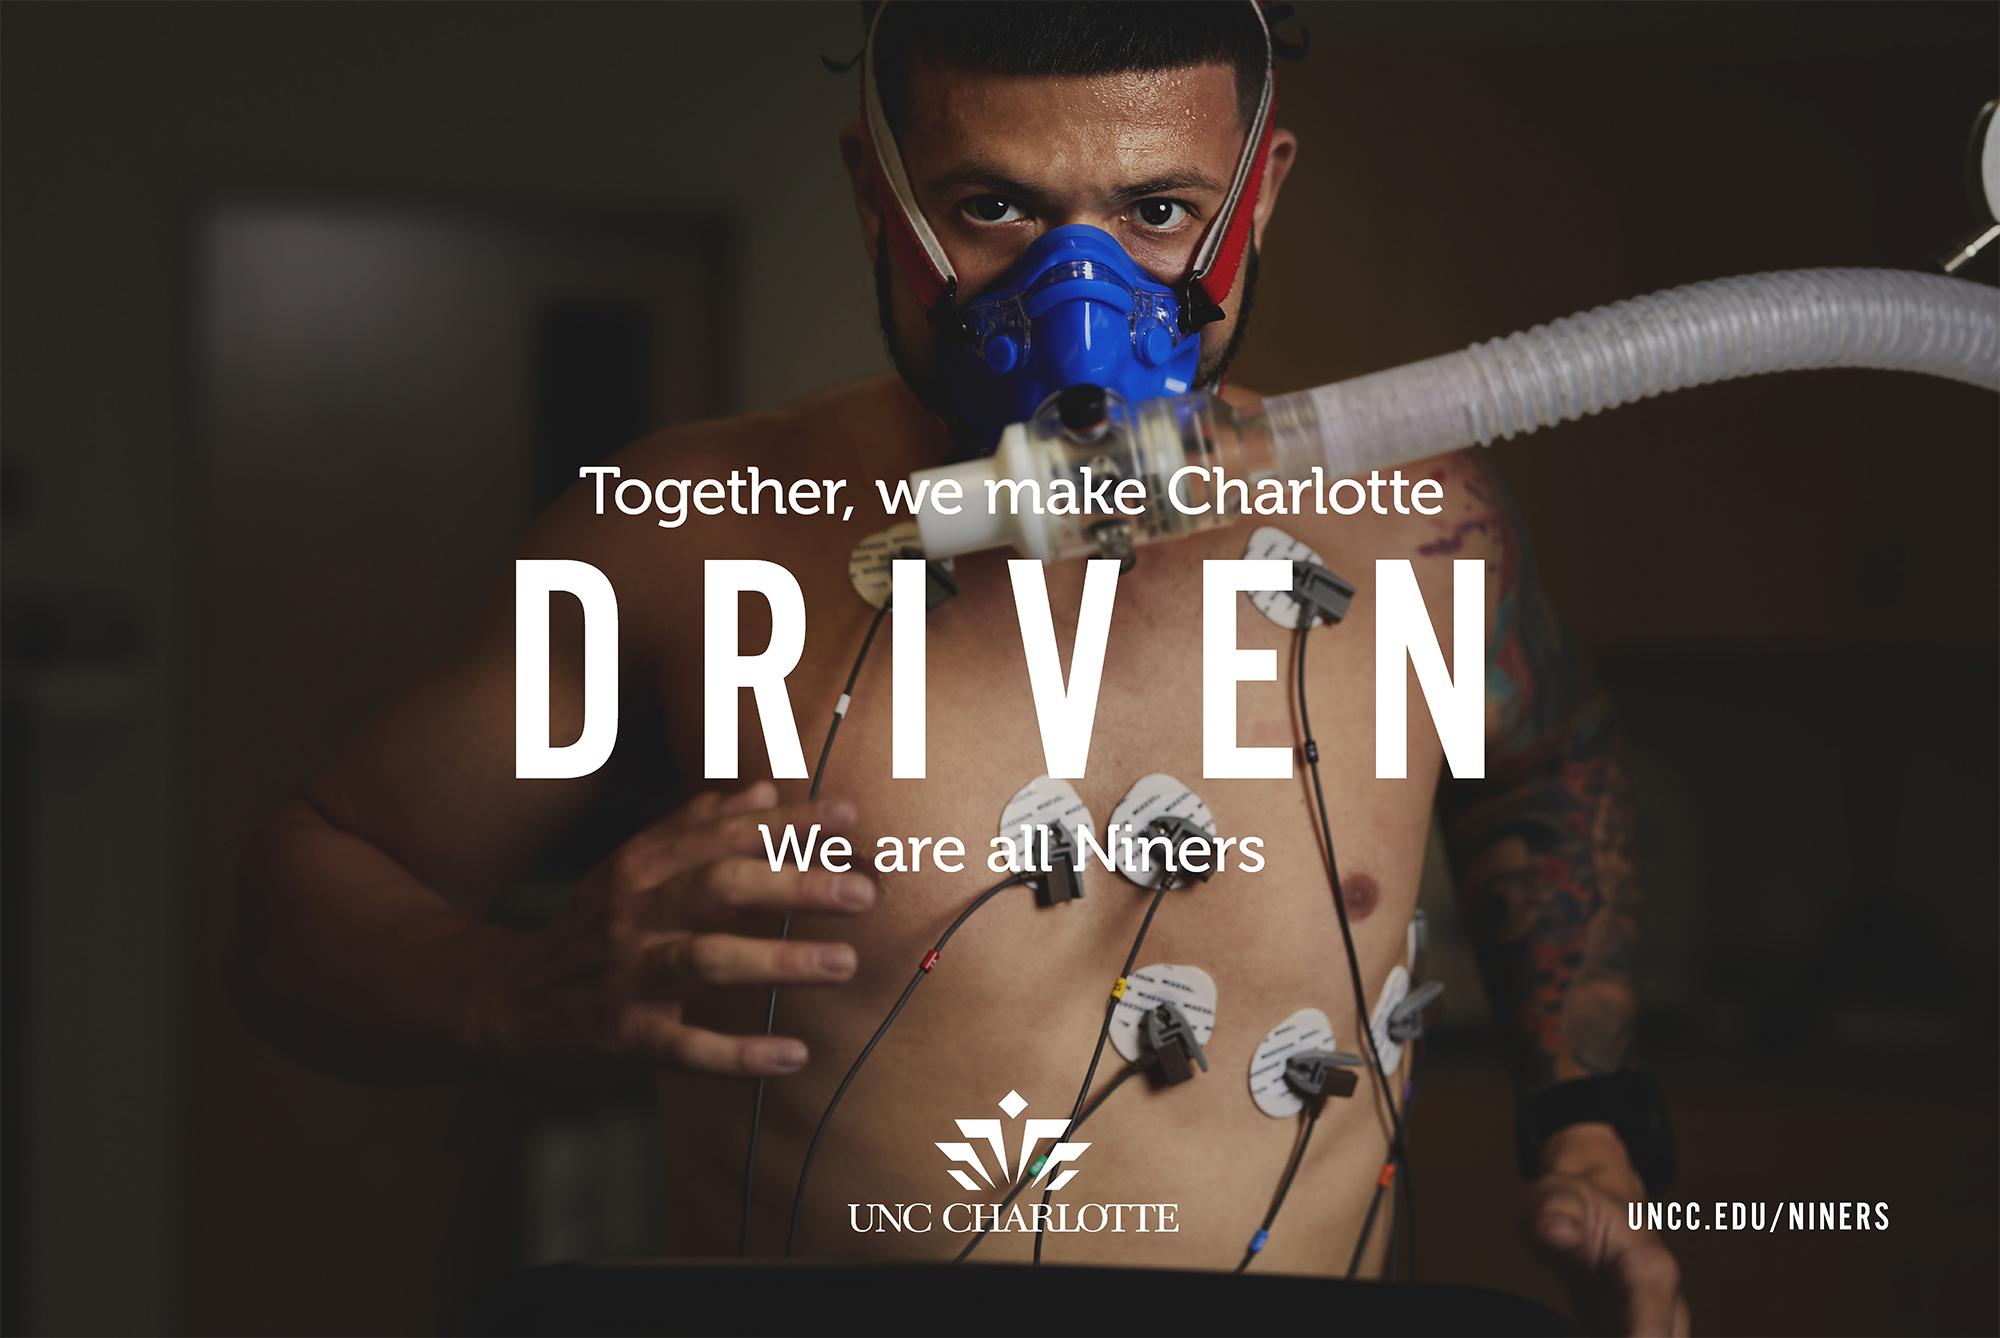 Together, we make Charlotte DRIVEN.